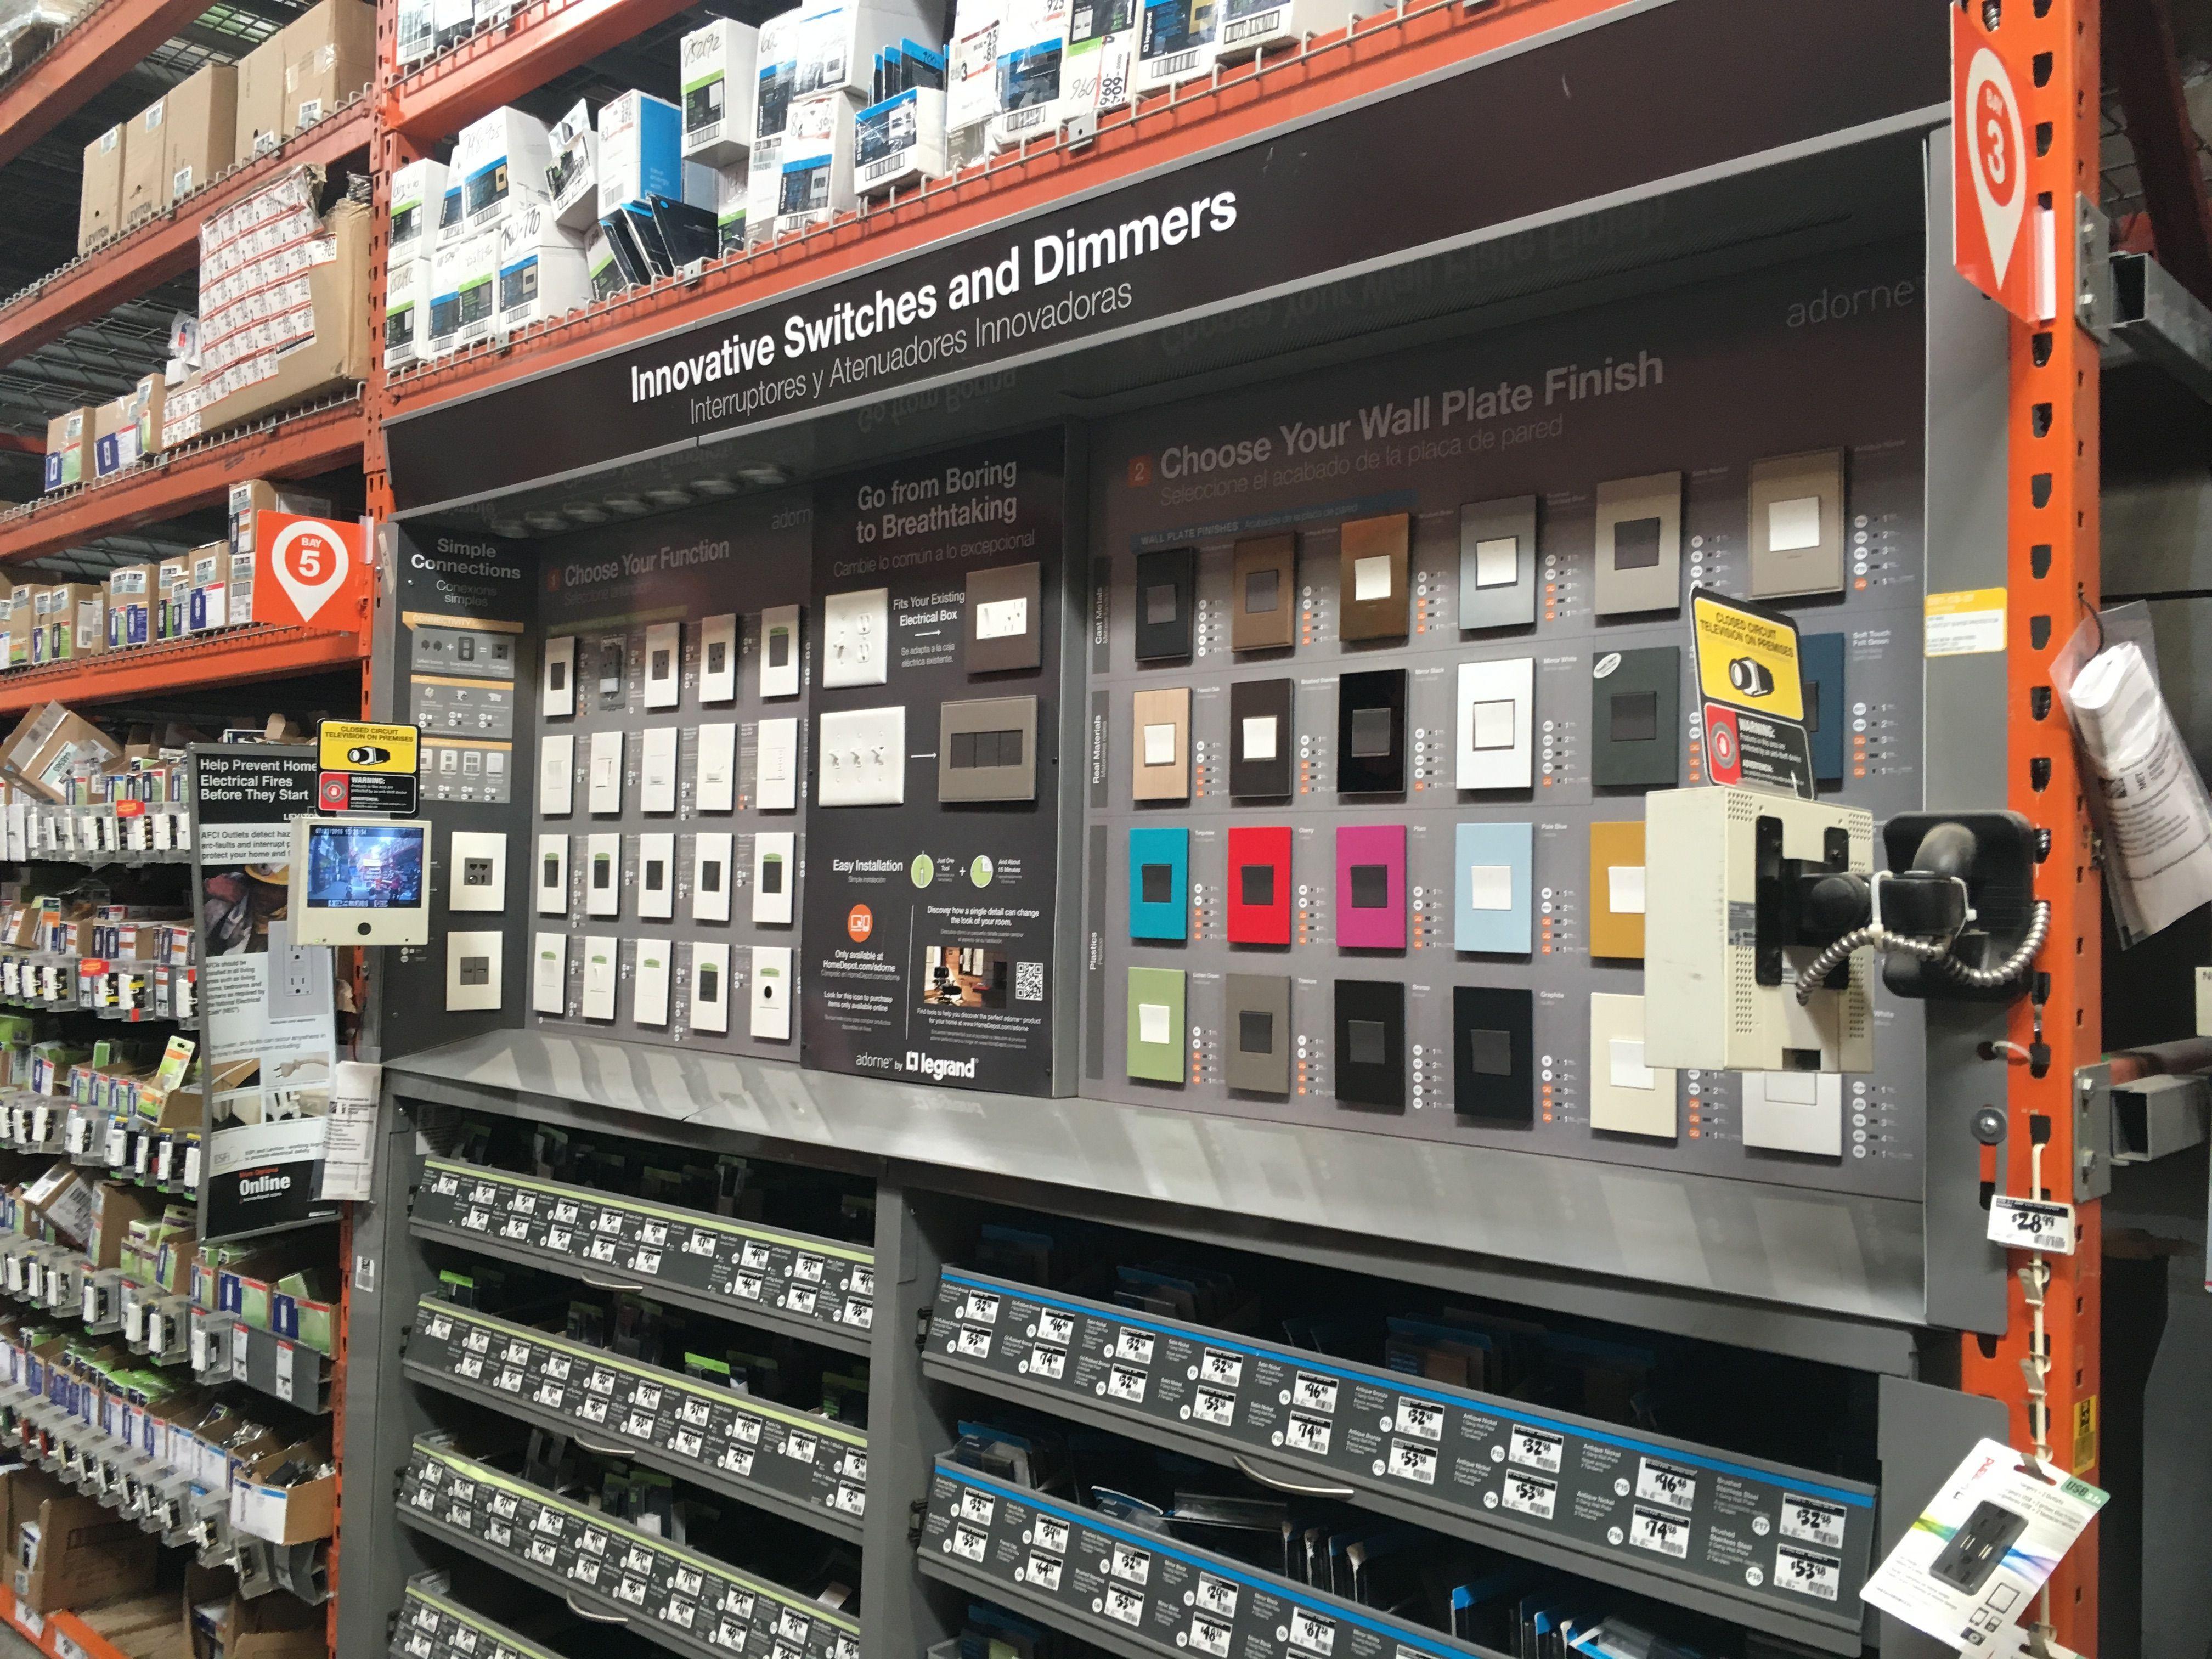 Legrand Adorne Line Home Depot Lighting Dept Smart